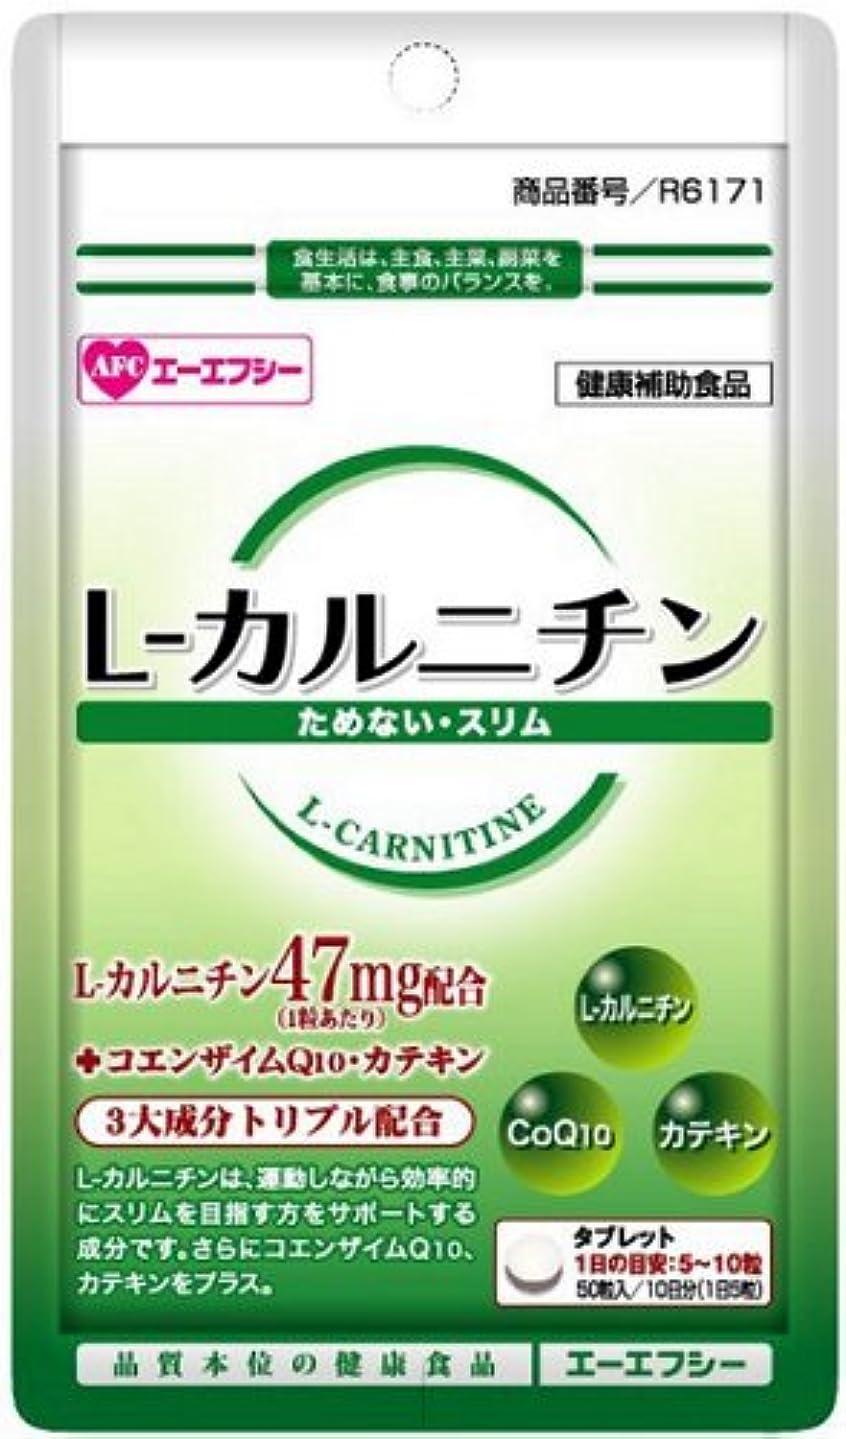 世論調査かなり子犬AFC 500円シリーズ L-カルニチン 50粒入 (約10日分)